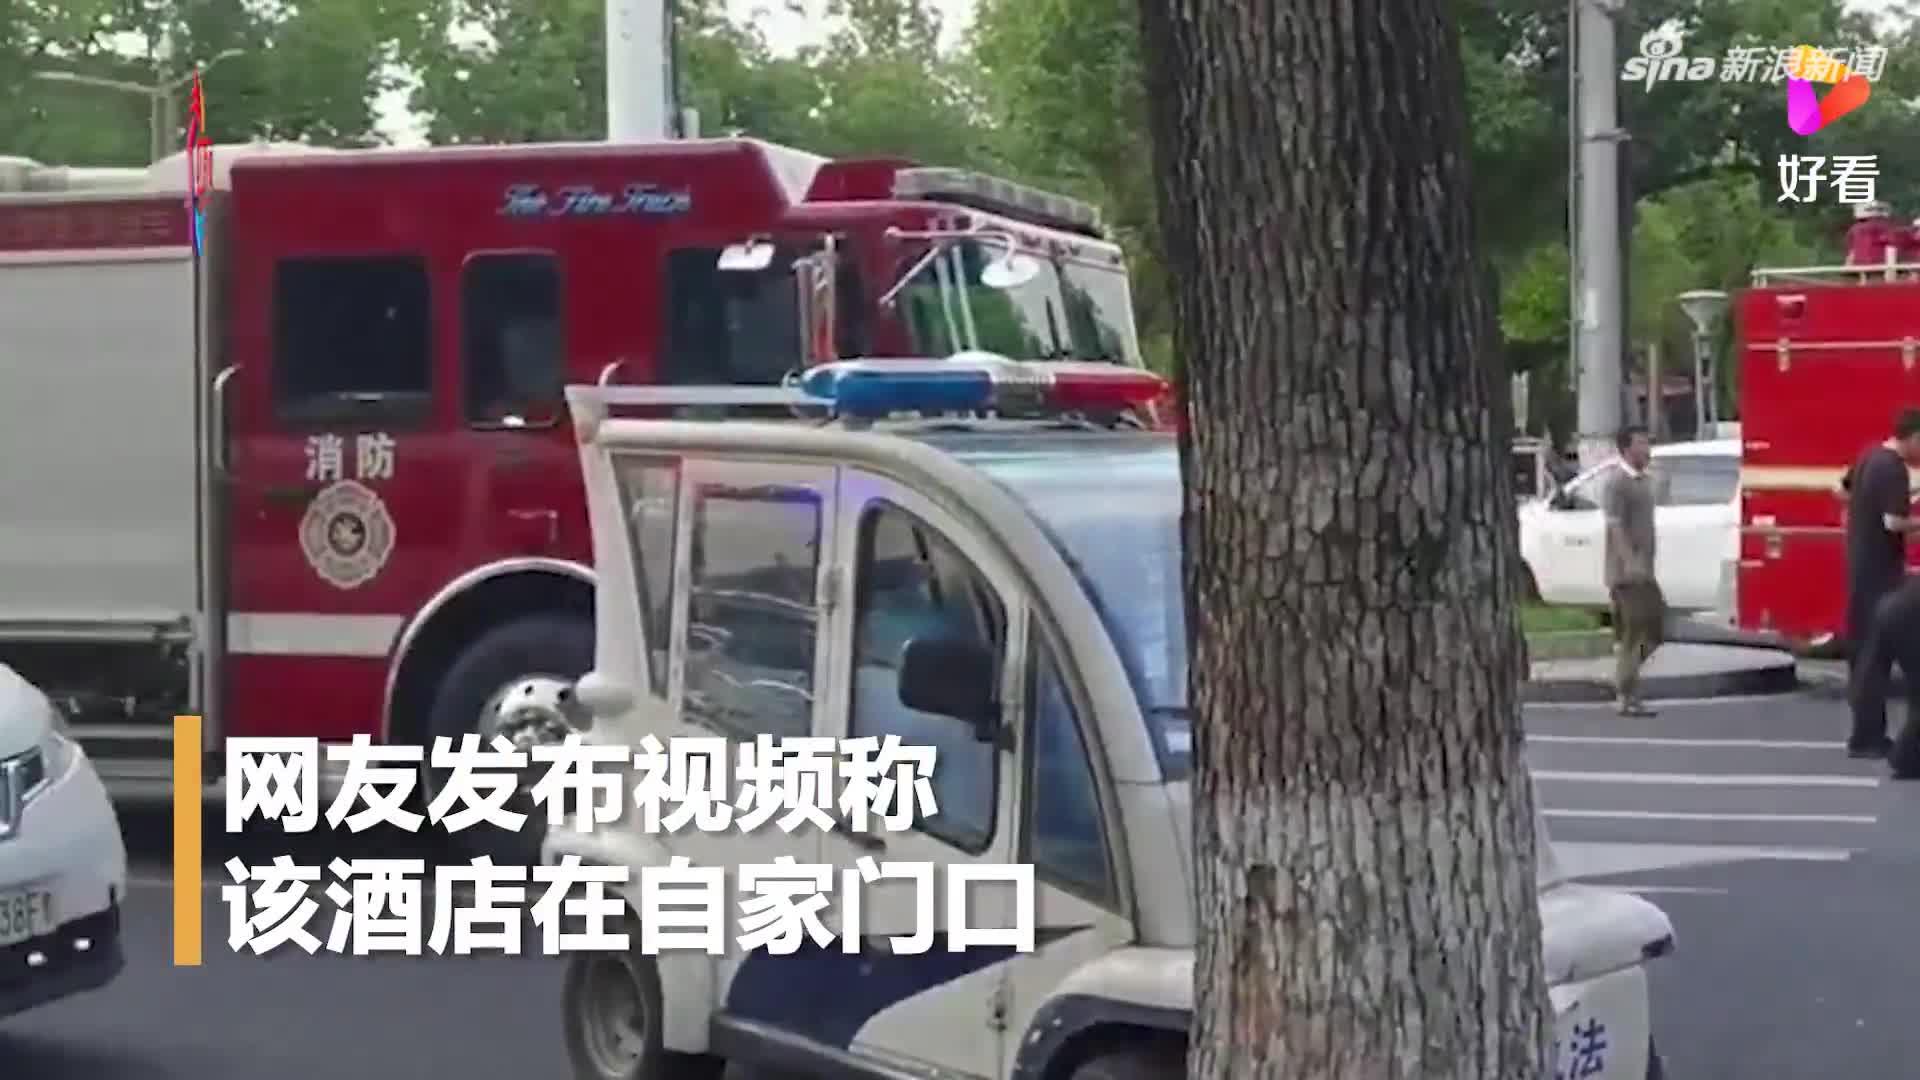 江苏一酒店坍塌已致1人死亡,疑4月刚完成第一阶段装修